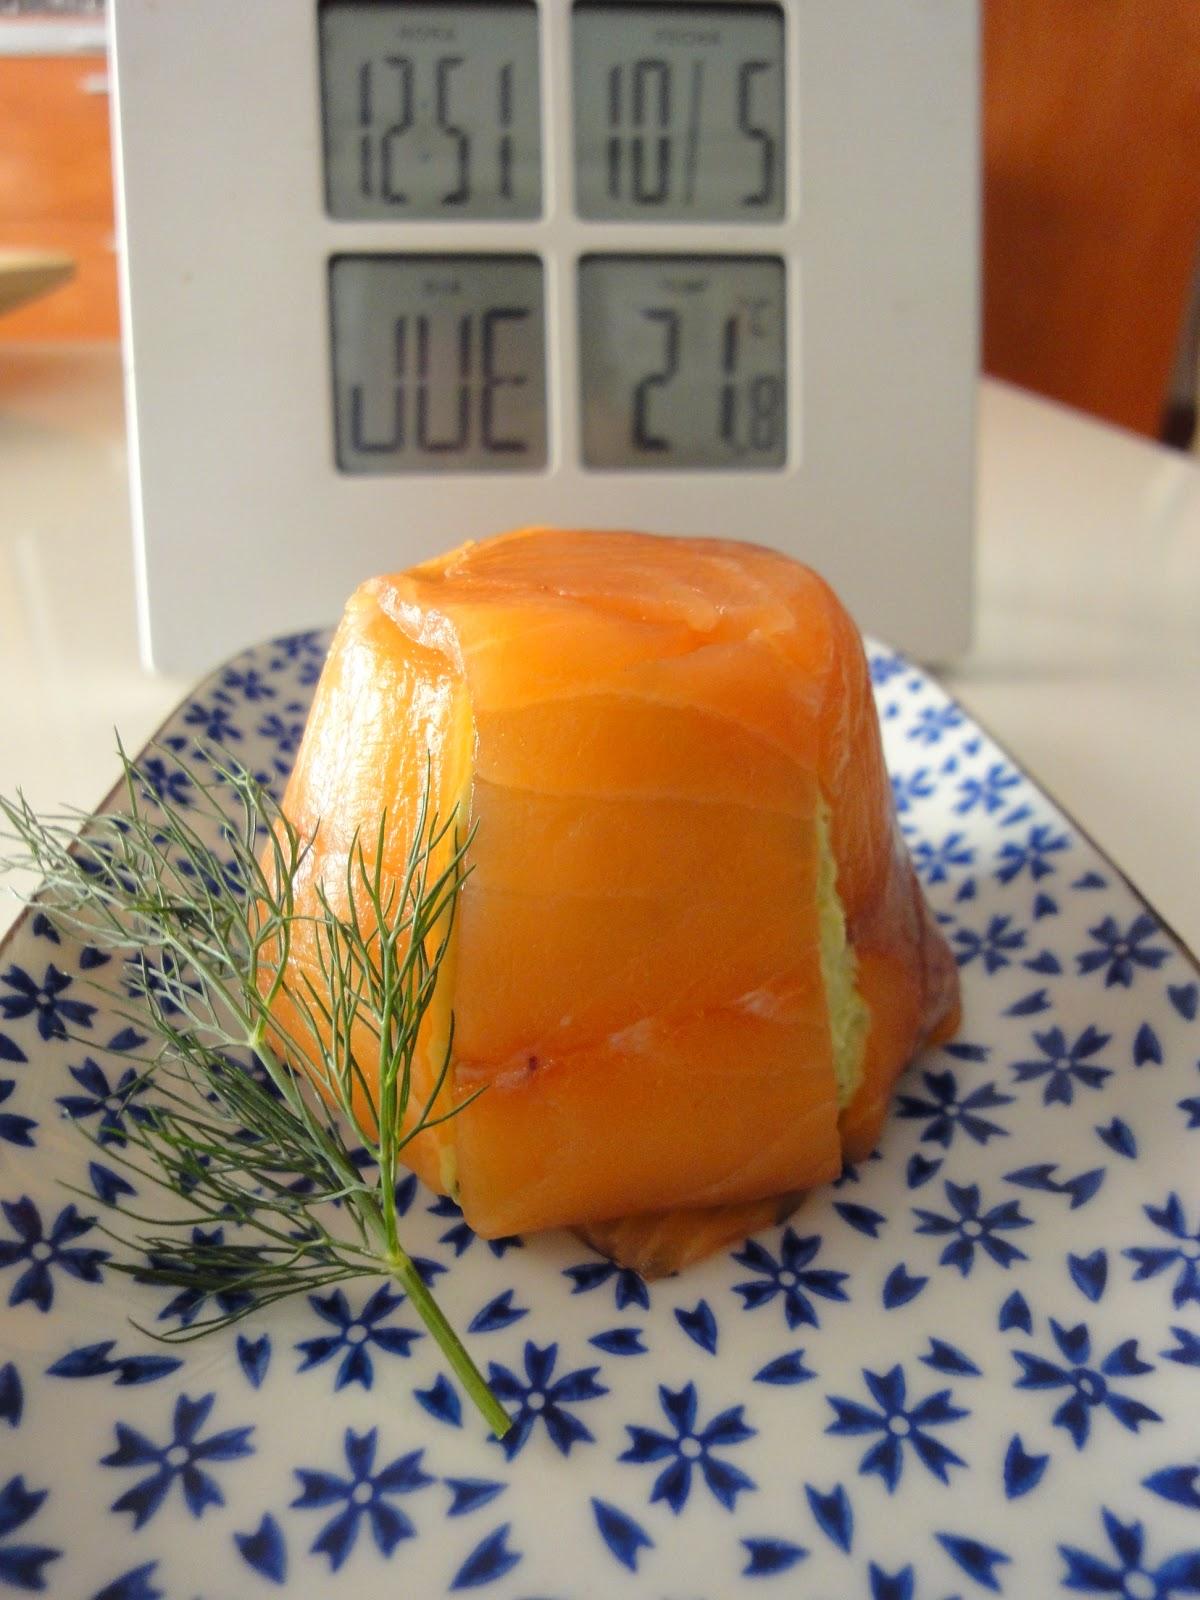 Clases de cocina zaragoza salm n ahumado con crema de - Cursos de cocina zaragoza ...